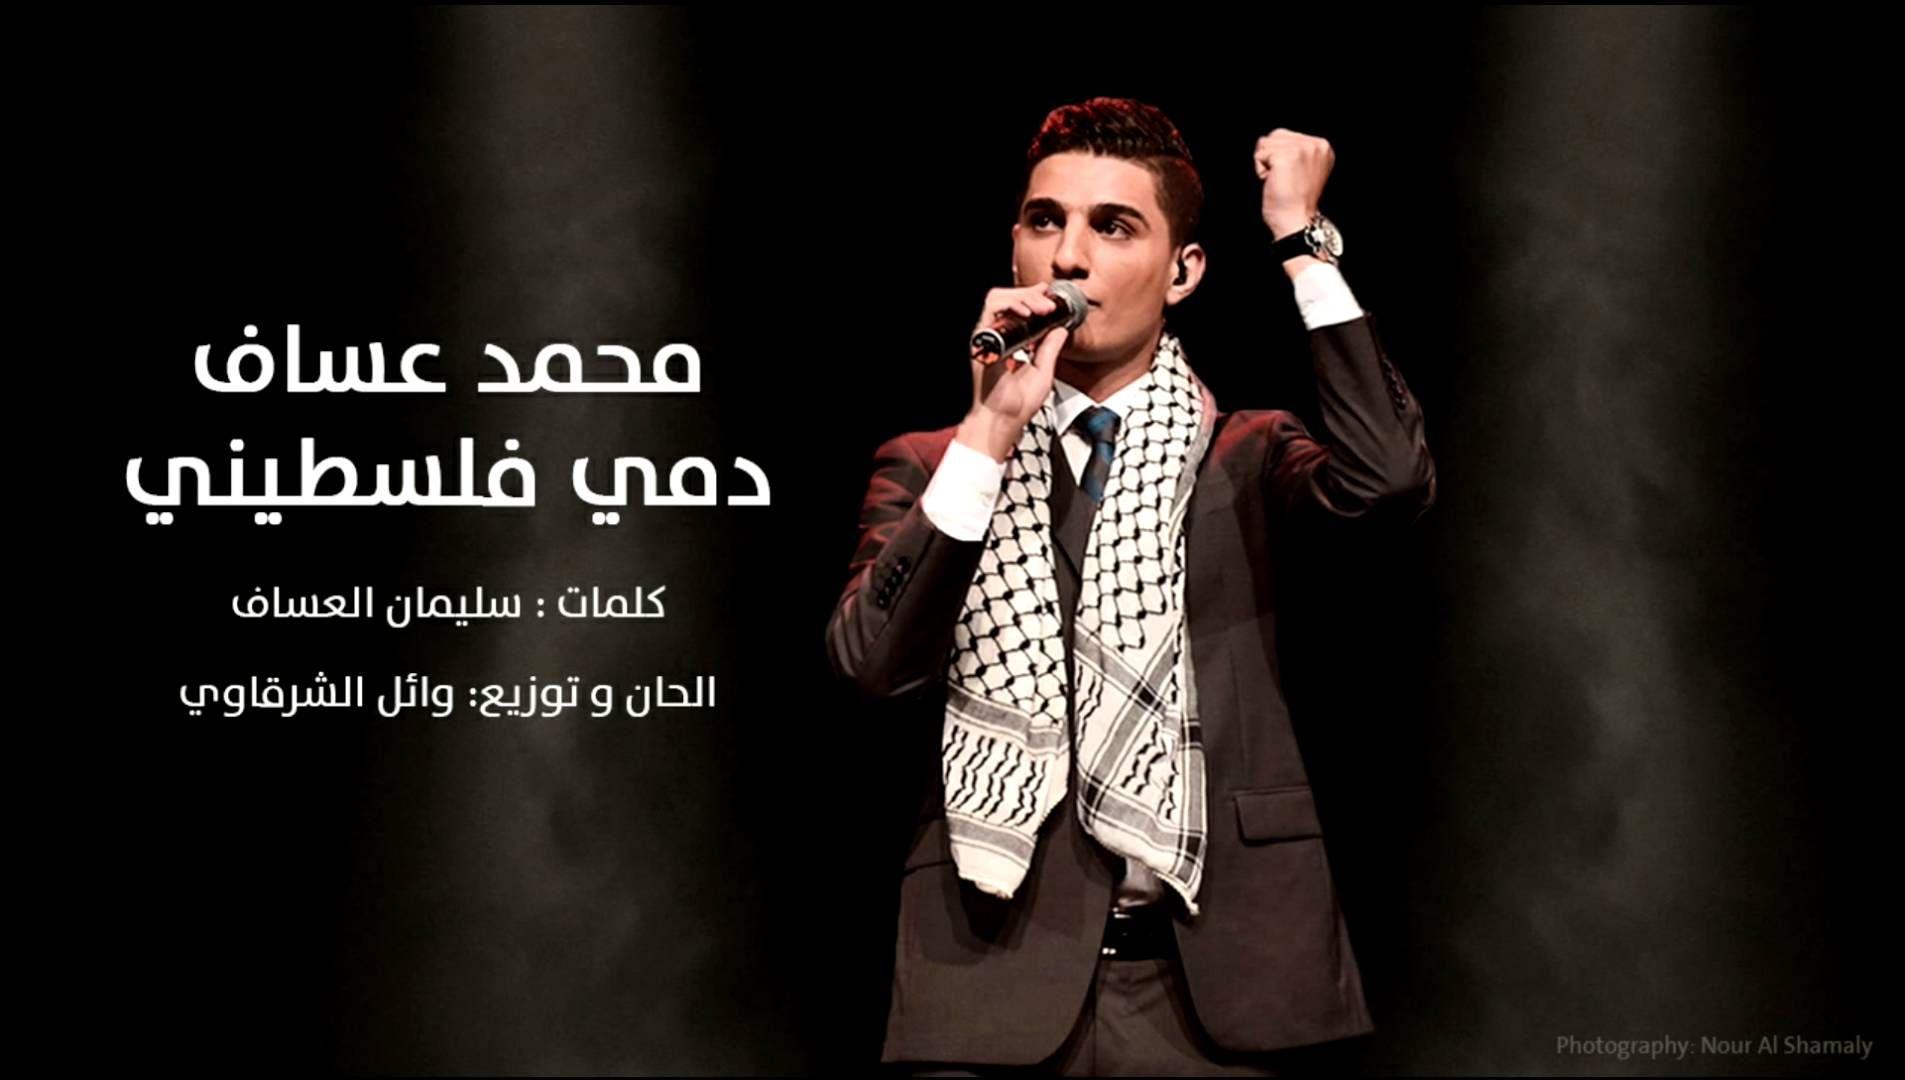 الأغنية الوطنية للفنان محمد عساف دمي فلسطيني Mohammed Assaf Damm Beautiful Songs World Music Palestine